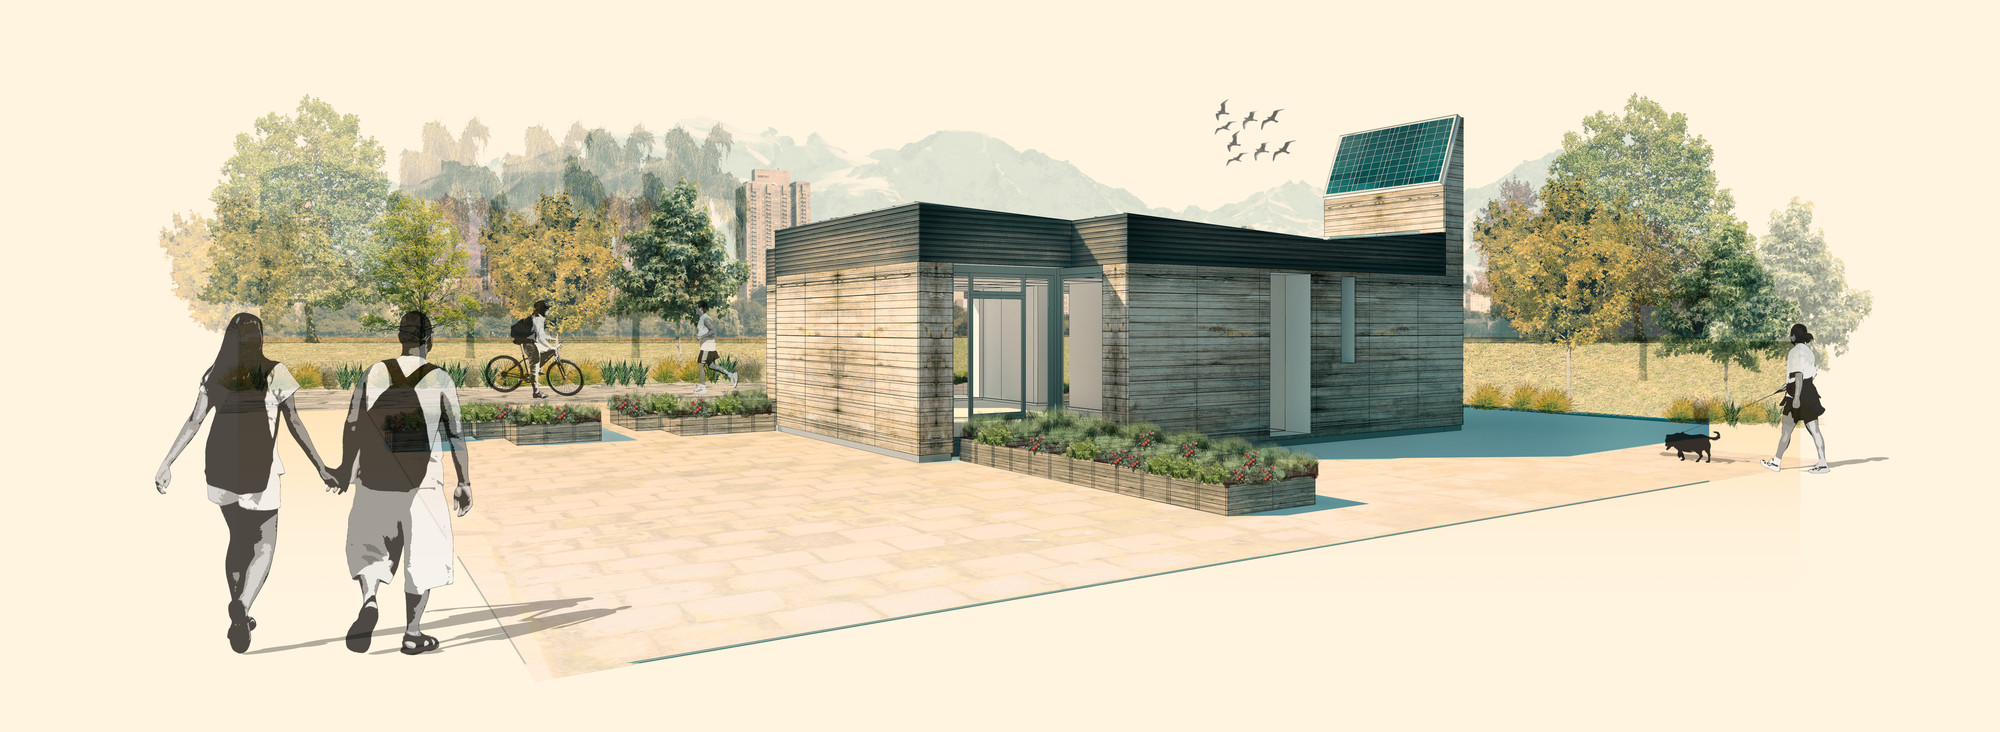 Construye Solar: Casa Tempero, sistemas bioclimáticos pasivos en viviendas sociales, Cortesia de Equipo TLC331